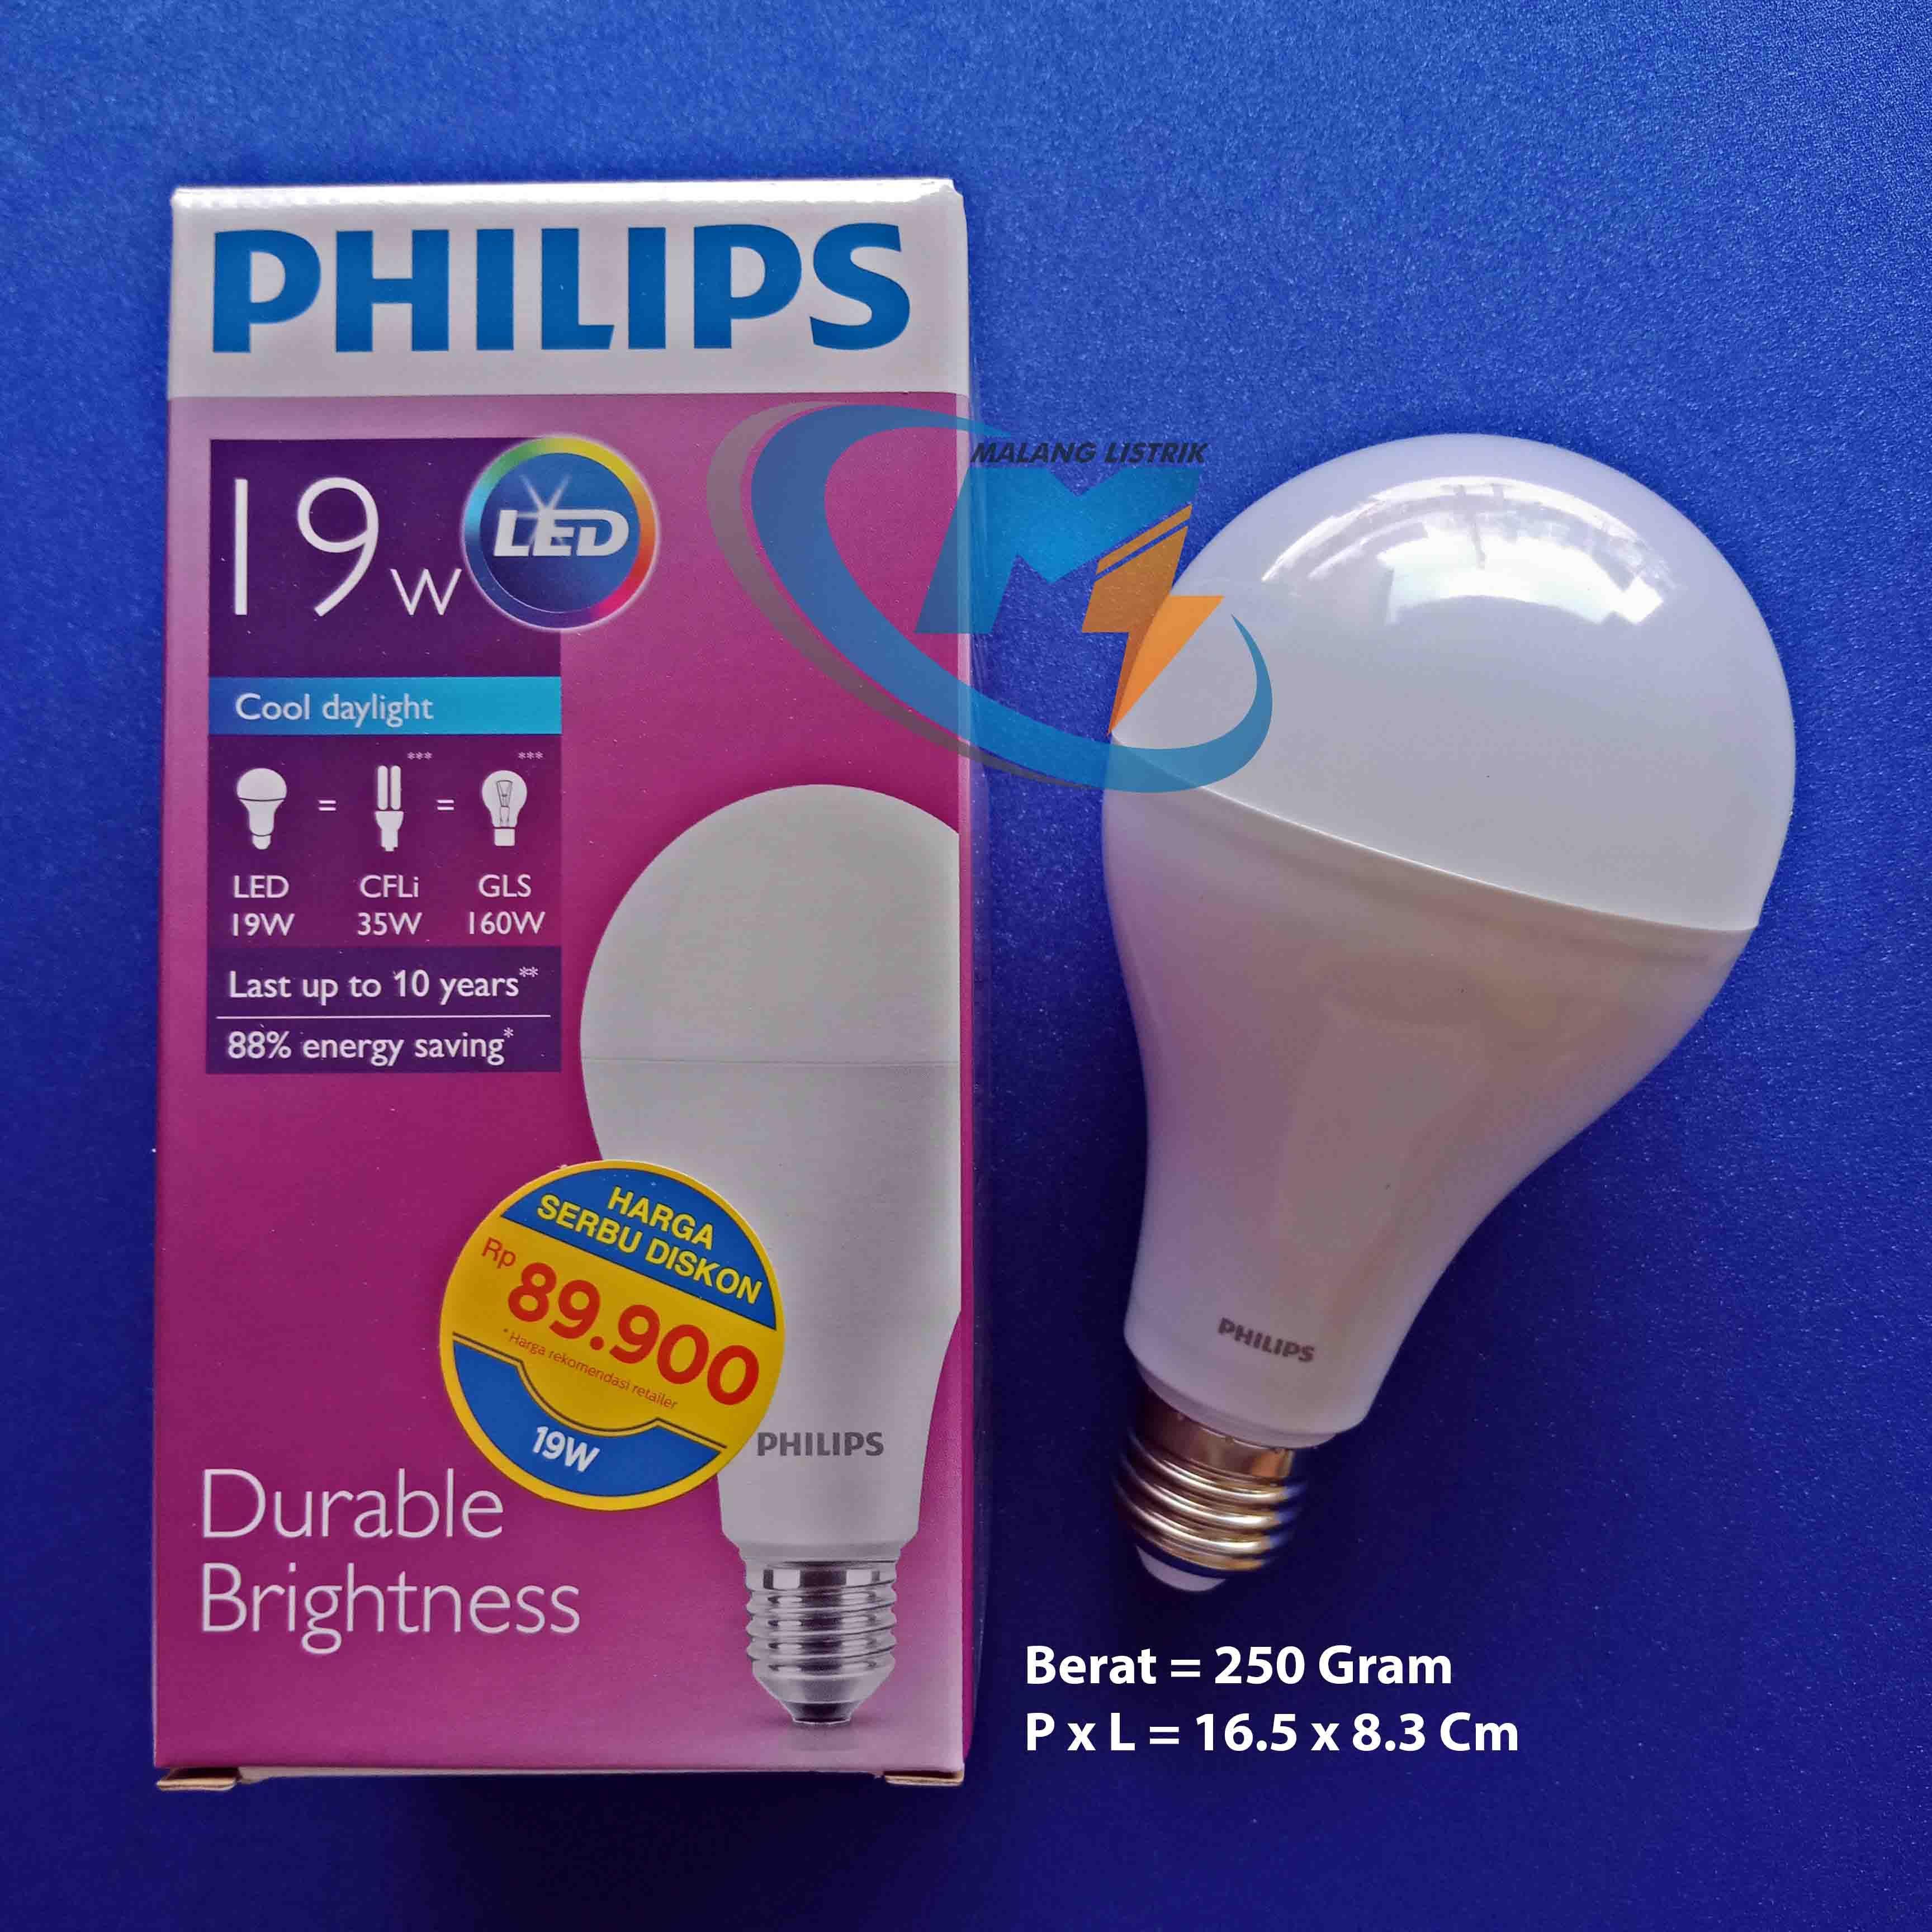 Lampu Philips Led 19 Watt Malang Listrik Info Harga Kunjungi Www 8w Malanglistrikcom